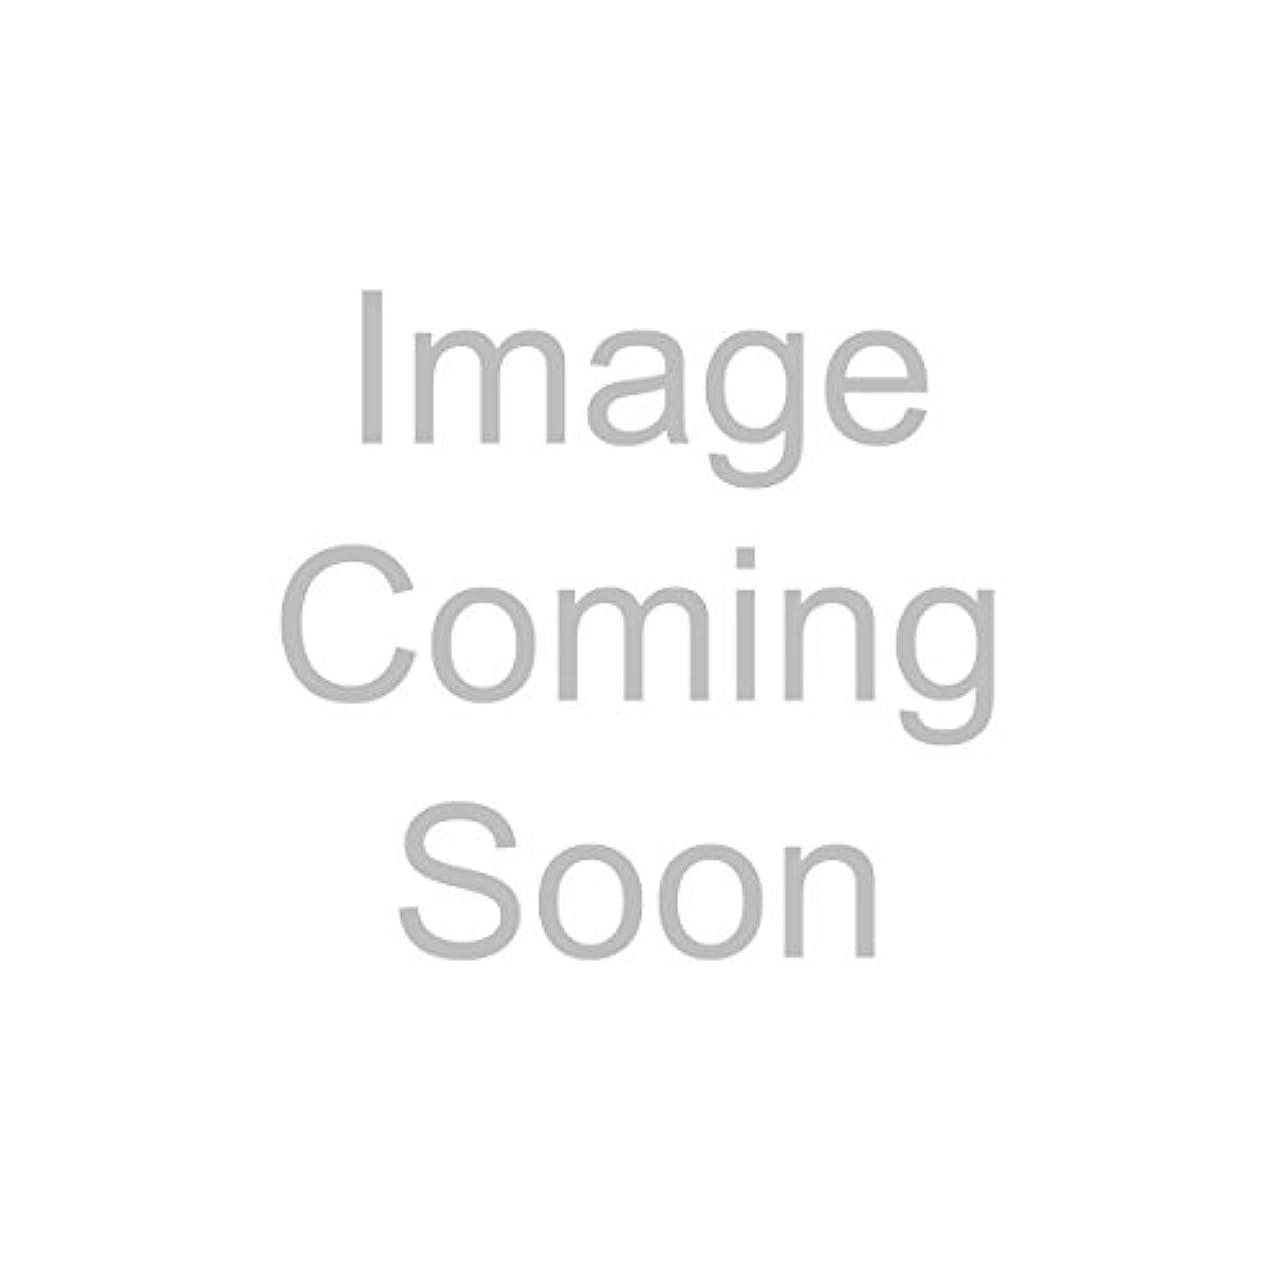 漫画貯水池当社ナルシソ ロドリゲス フォーハー シャワージェル 200ml/6.7oz 200ml/6.7oz